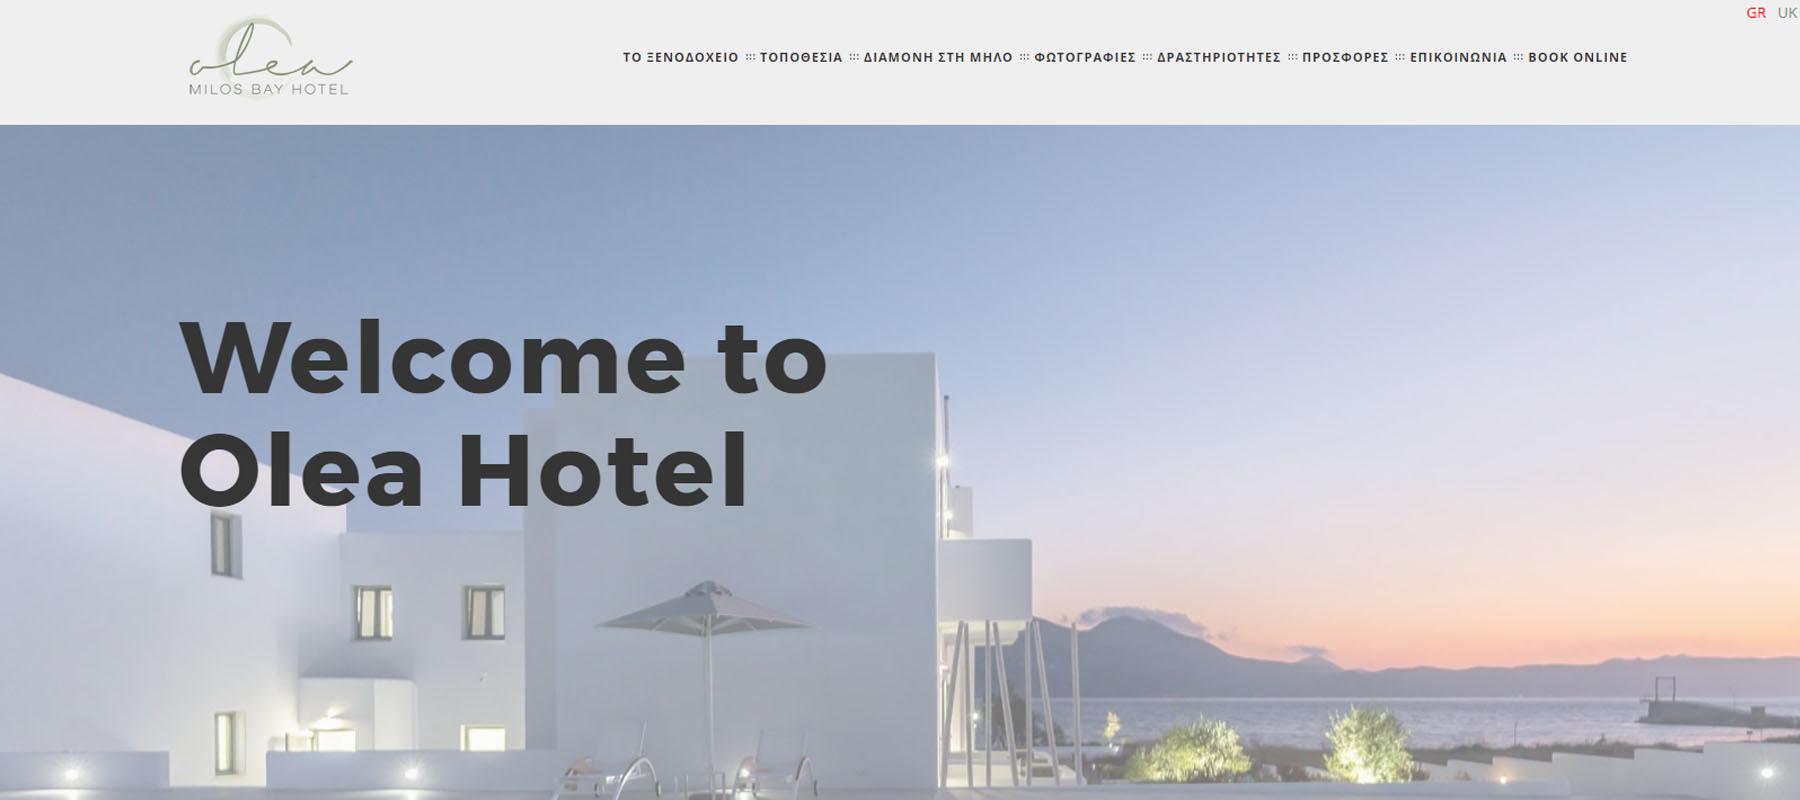 Olea Milos Bay Hotel